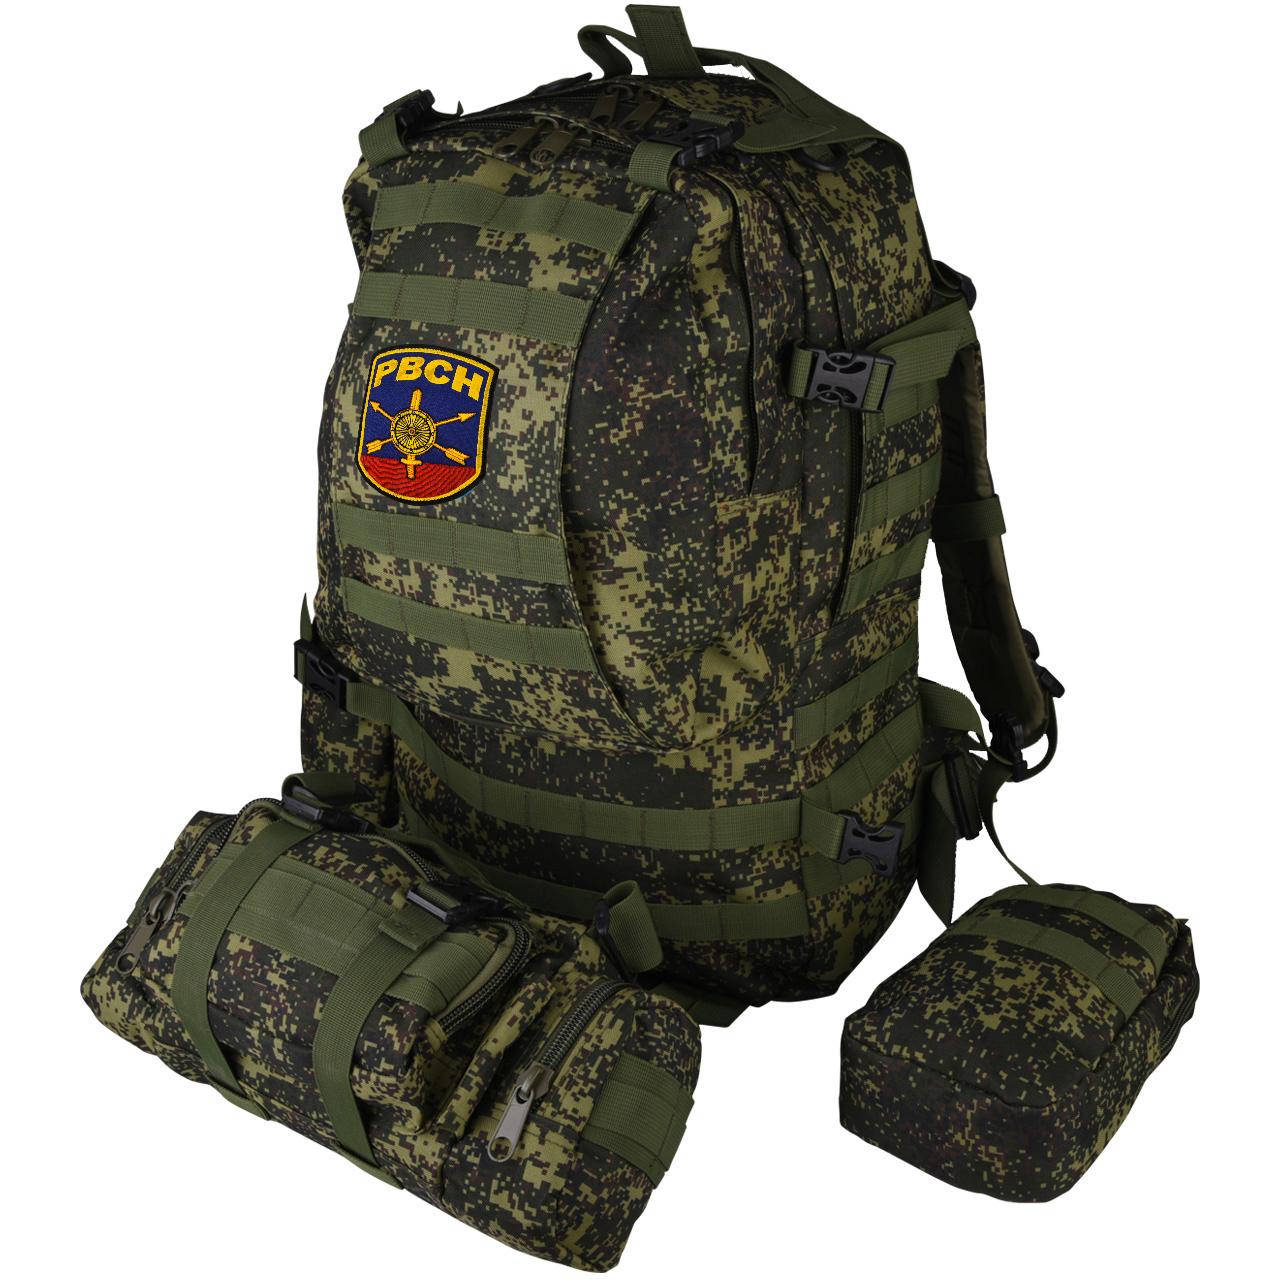 Рейдовые рюкзаки ракетных войск